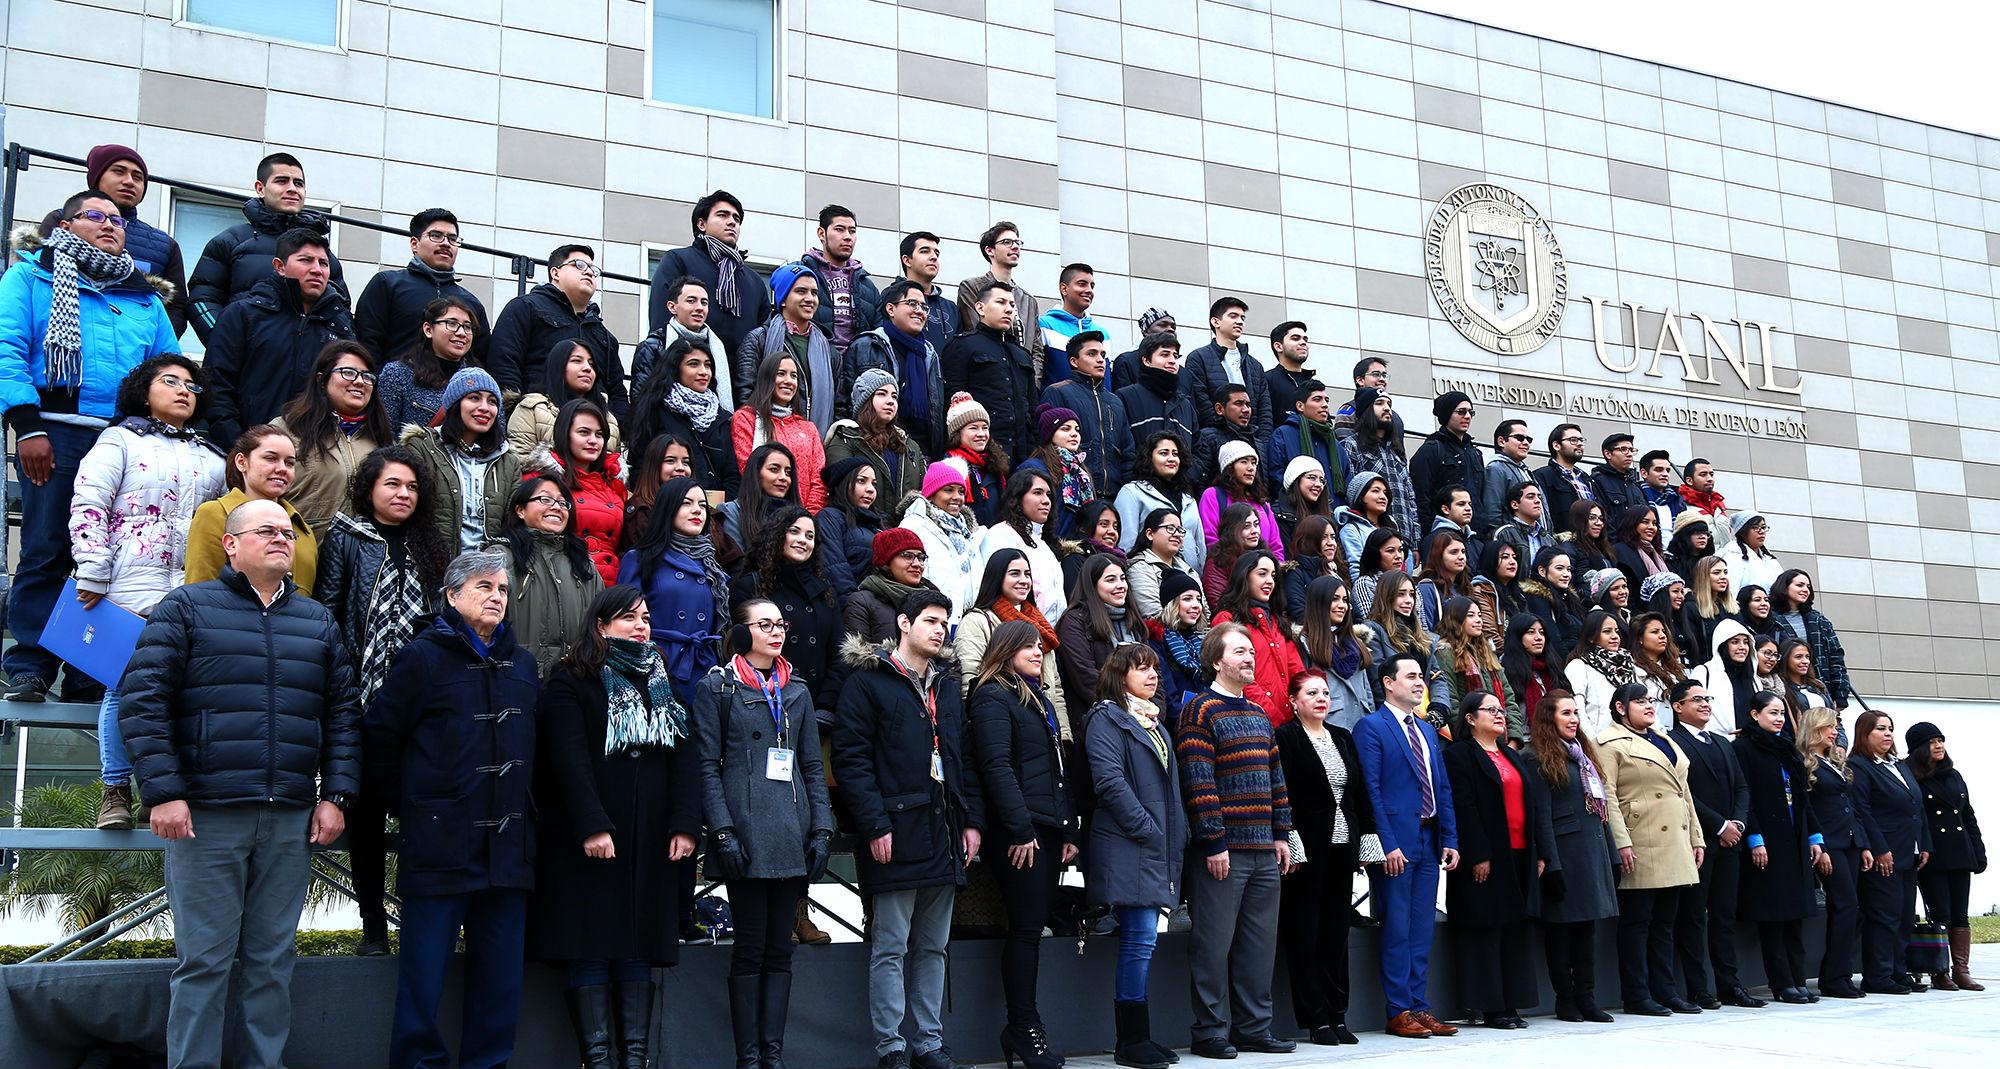 Este semestre 300 estudiantes de diferentes partes del país y del mundo, estudiarán en la UANL